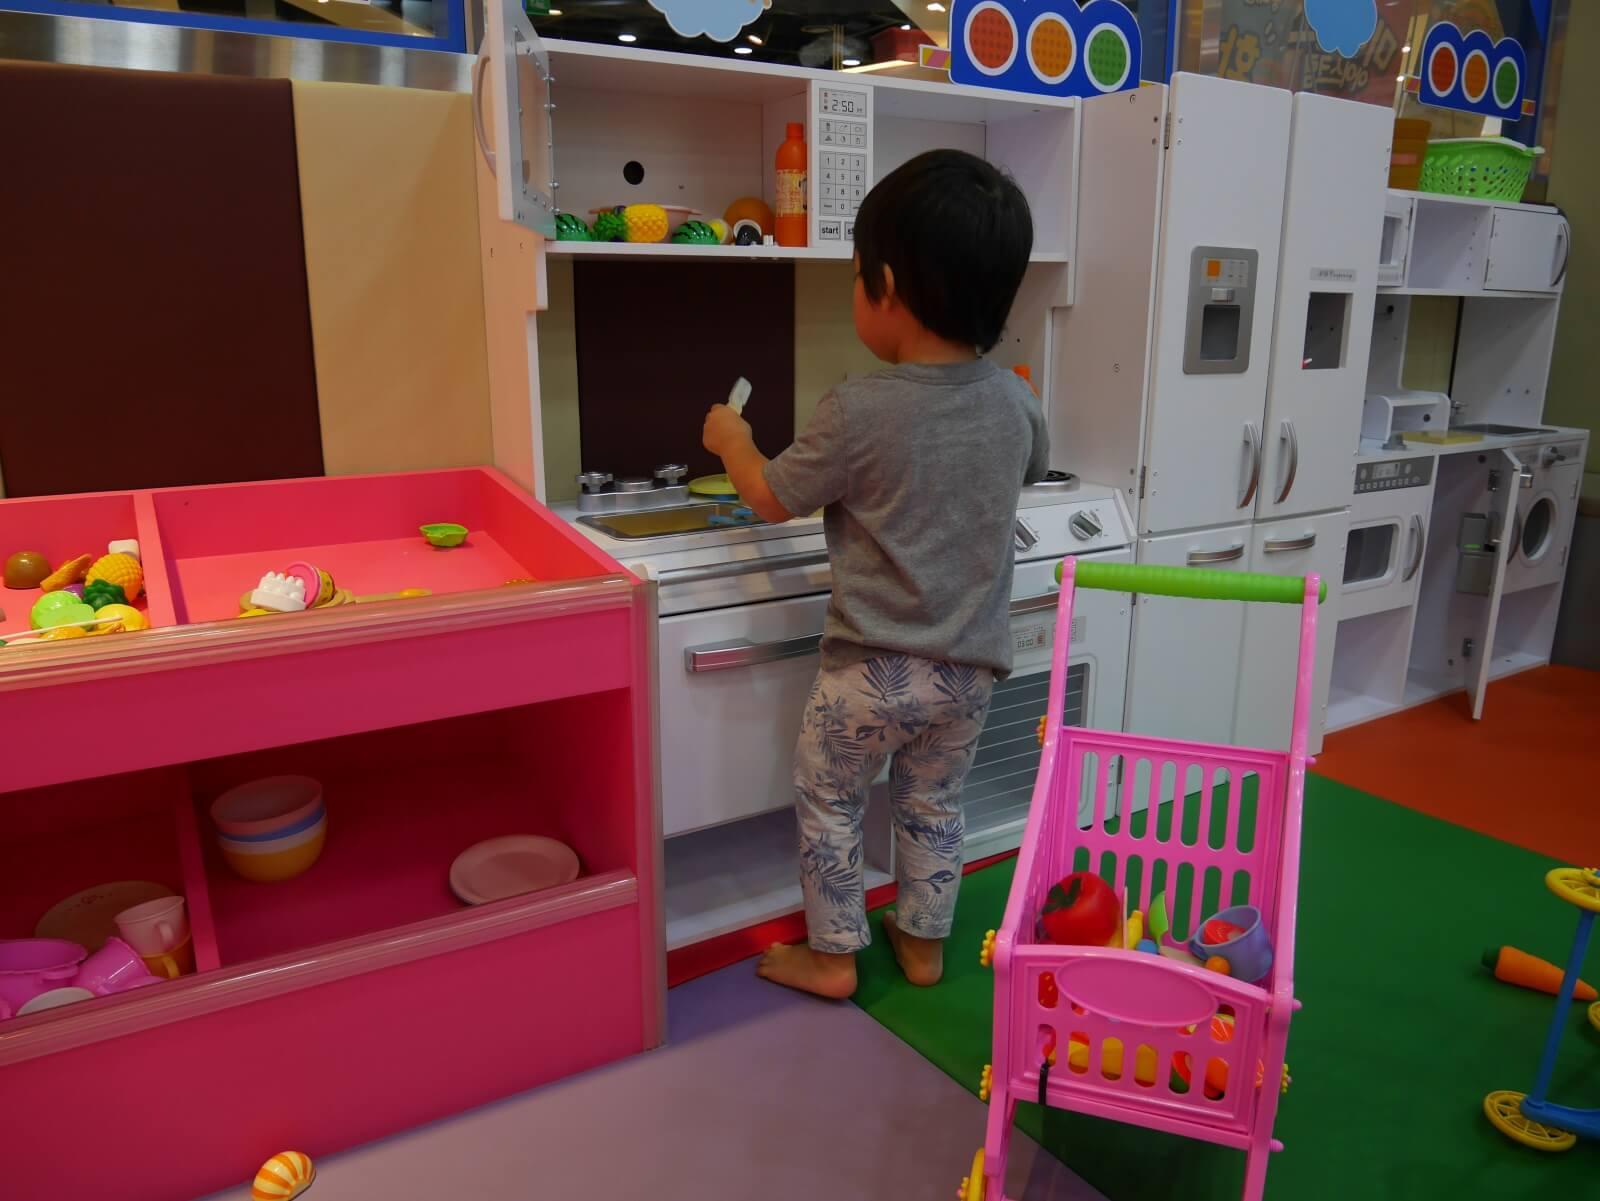 ソウルのキッズカフェ ままごとコーナー